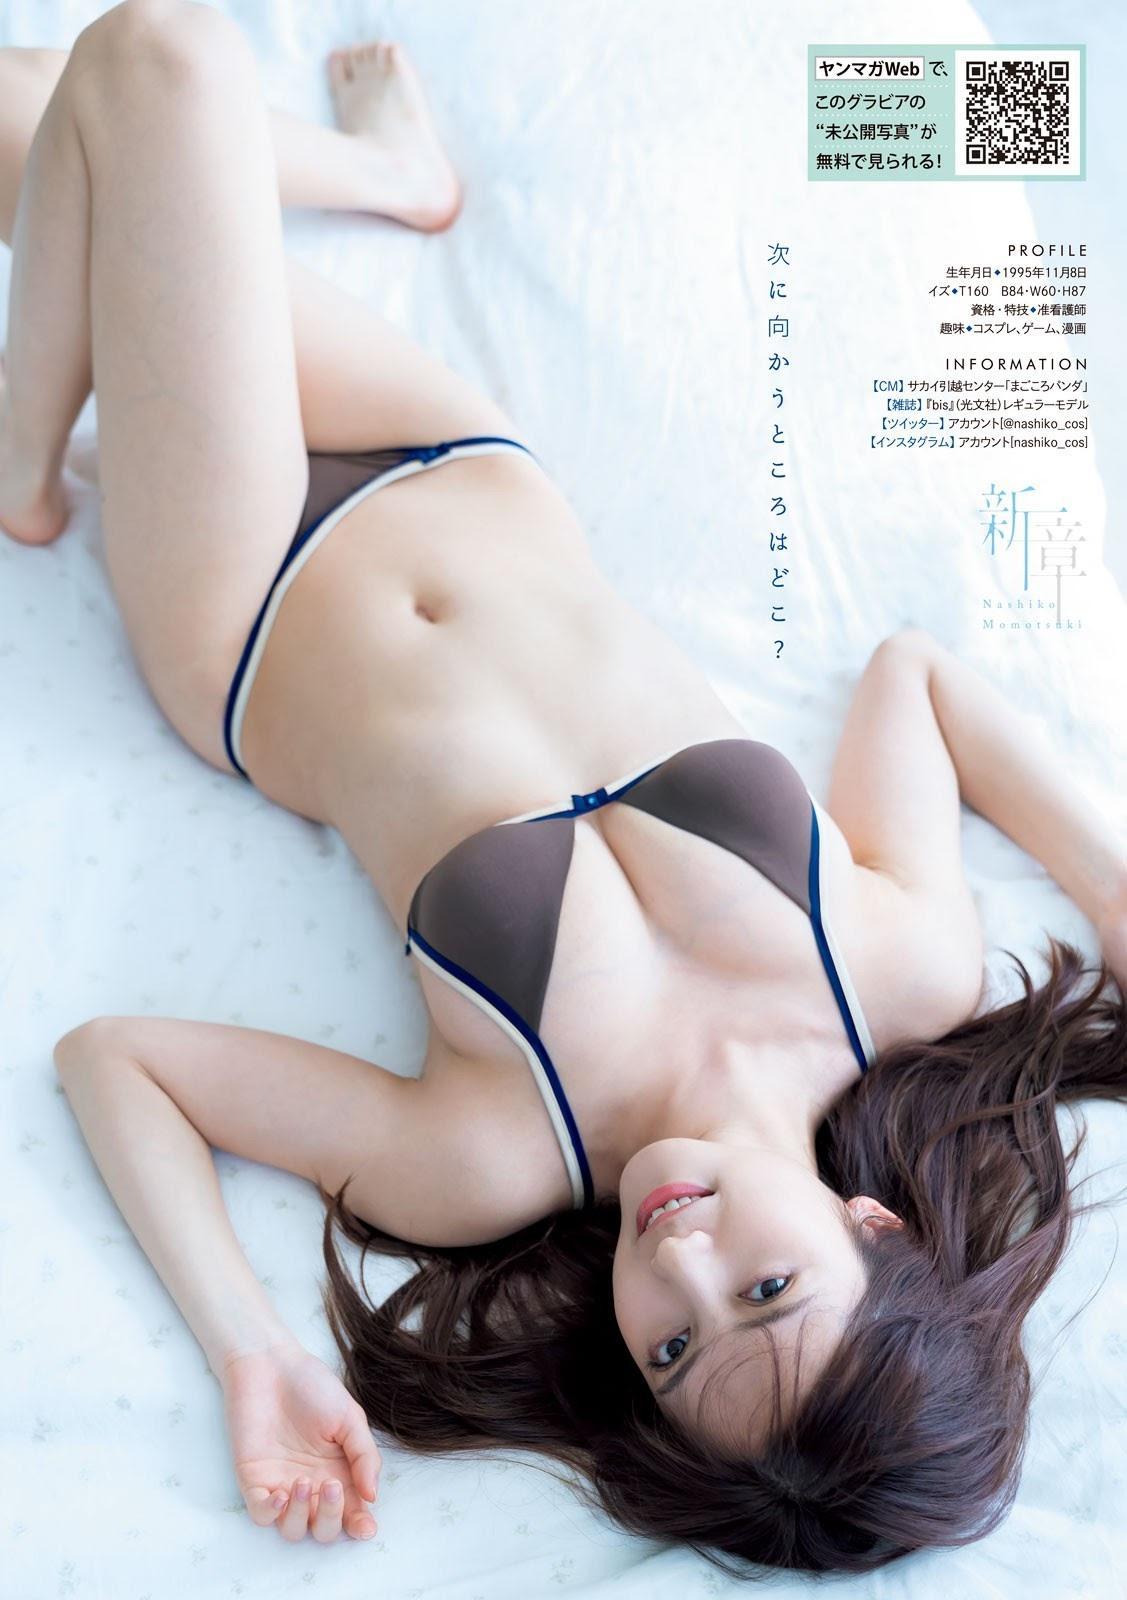 桃月梨子 新田あゆな-Young Magazine 2021 第23 24期  高清套图 第22张